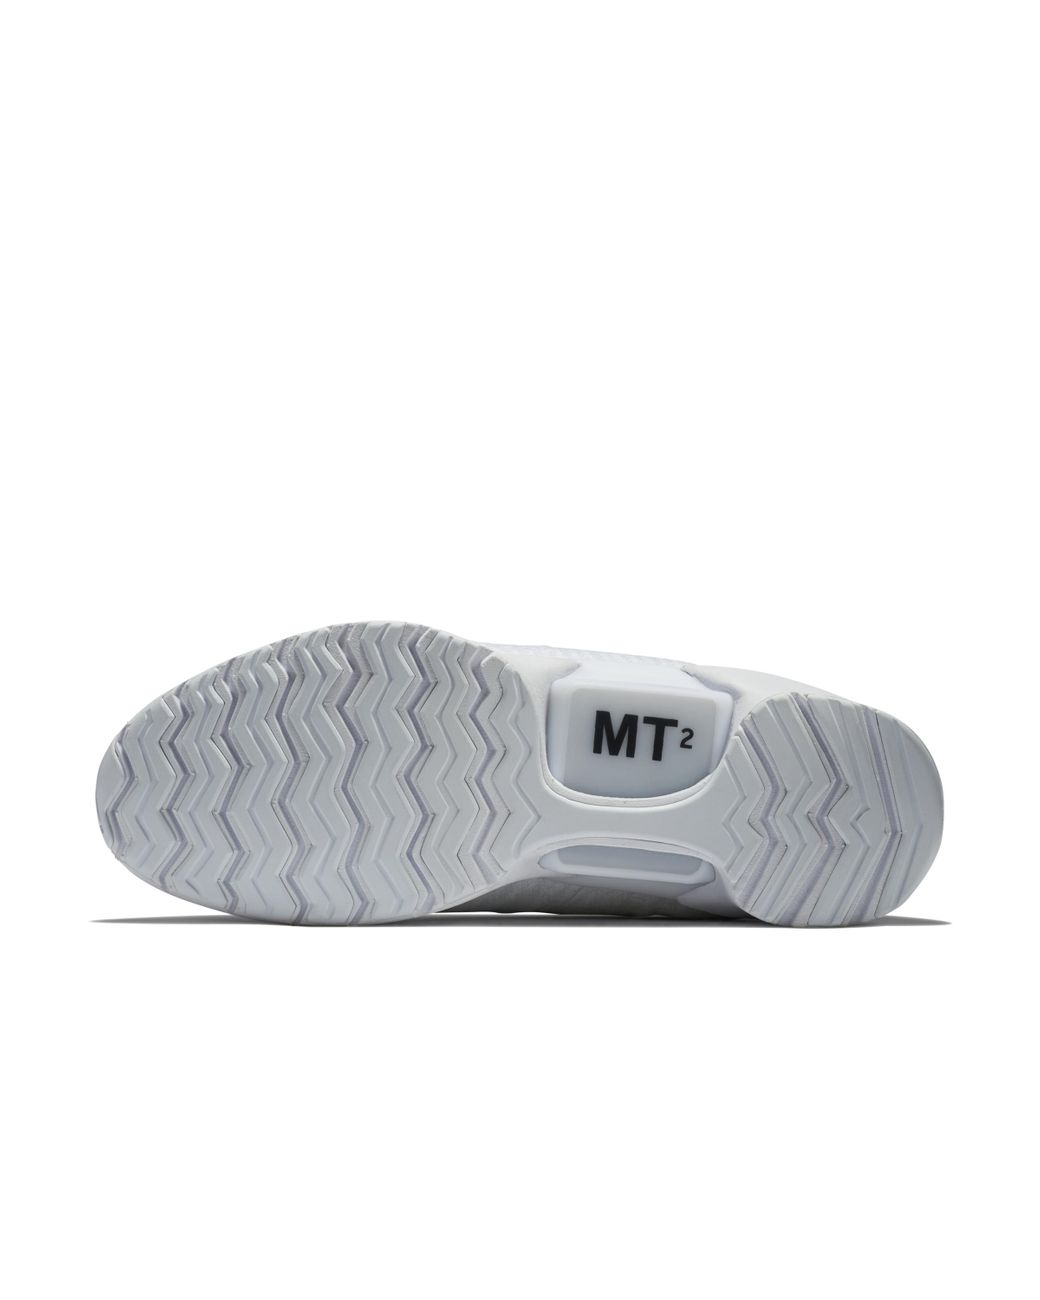 in Nike Herren für Lyst 1 Weiß Plugschuh 0UK HyperAdapt PXTuOZki